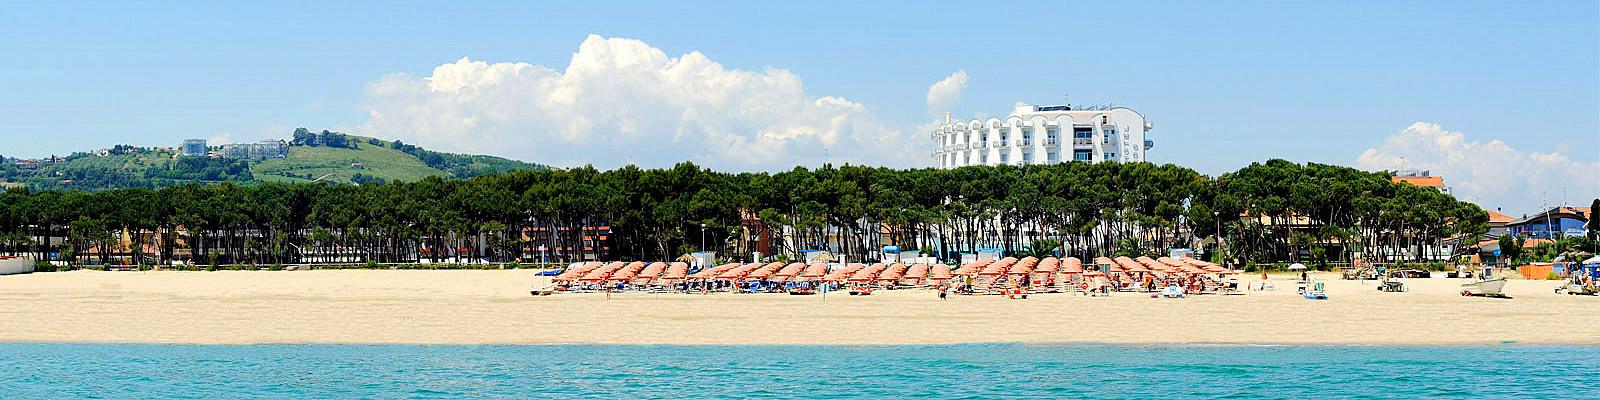 Alba Adriatica, vyhlášená písečná pláž s lesíkem podél promenády